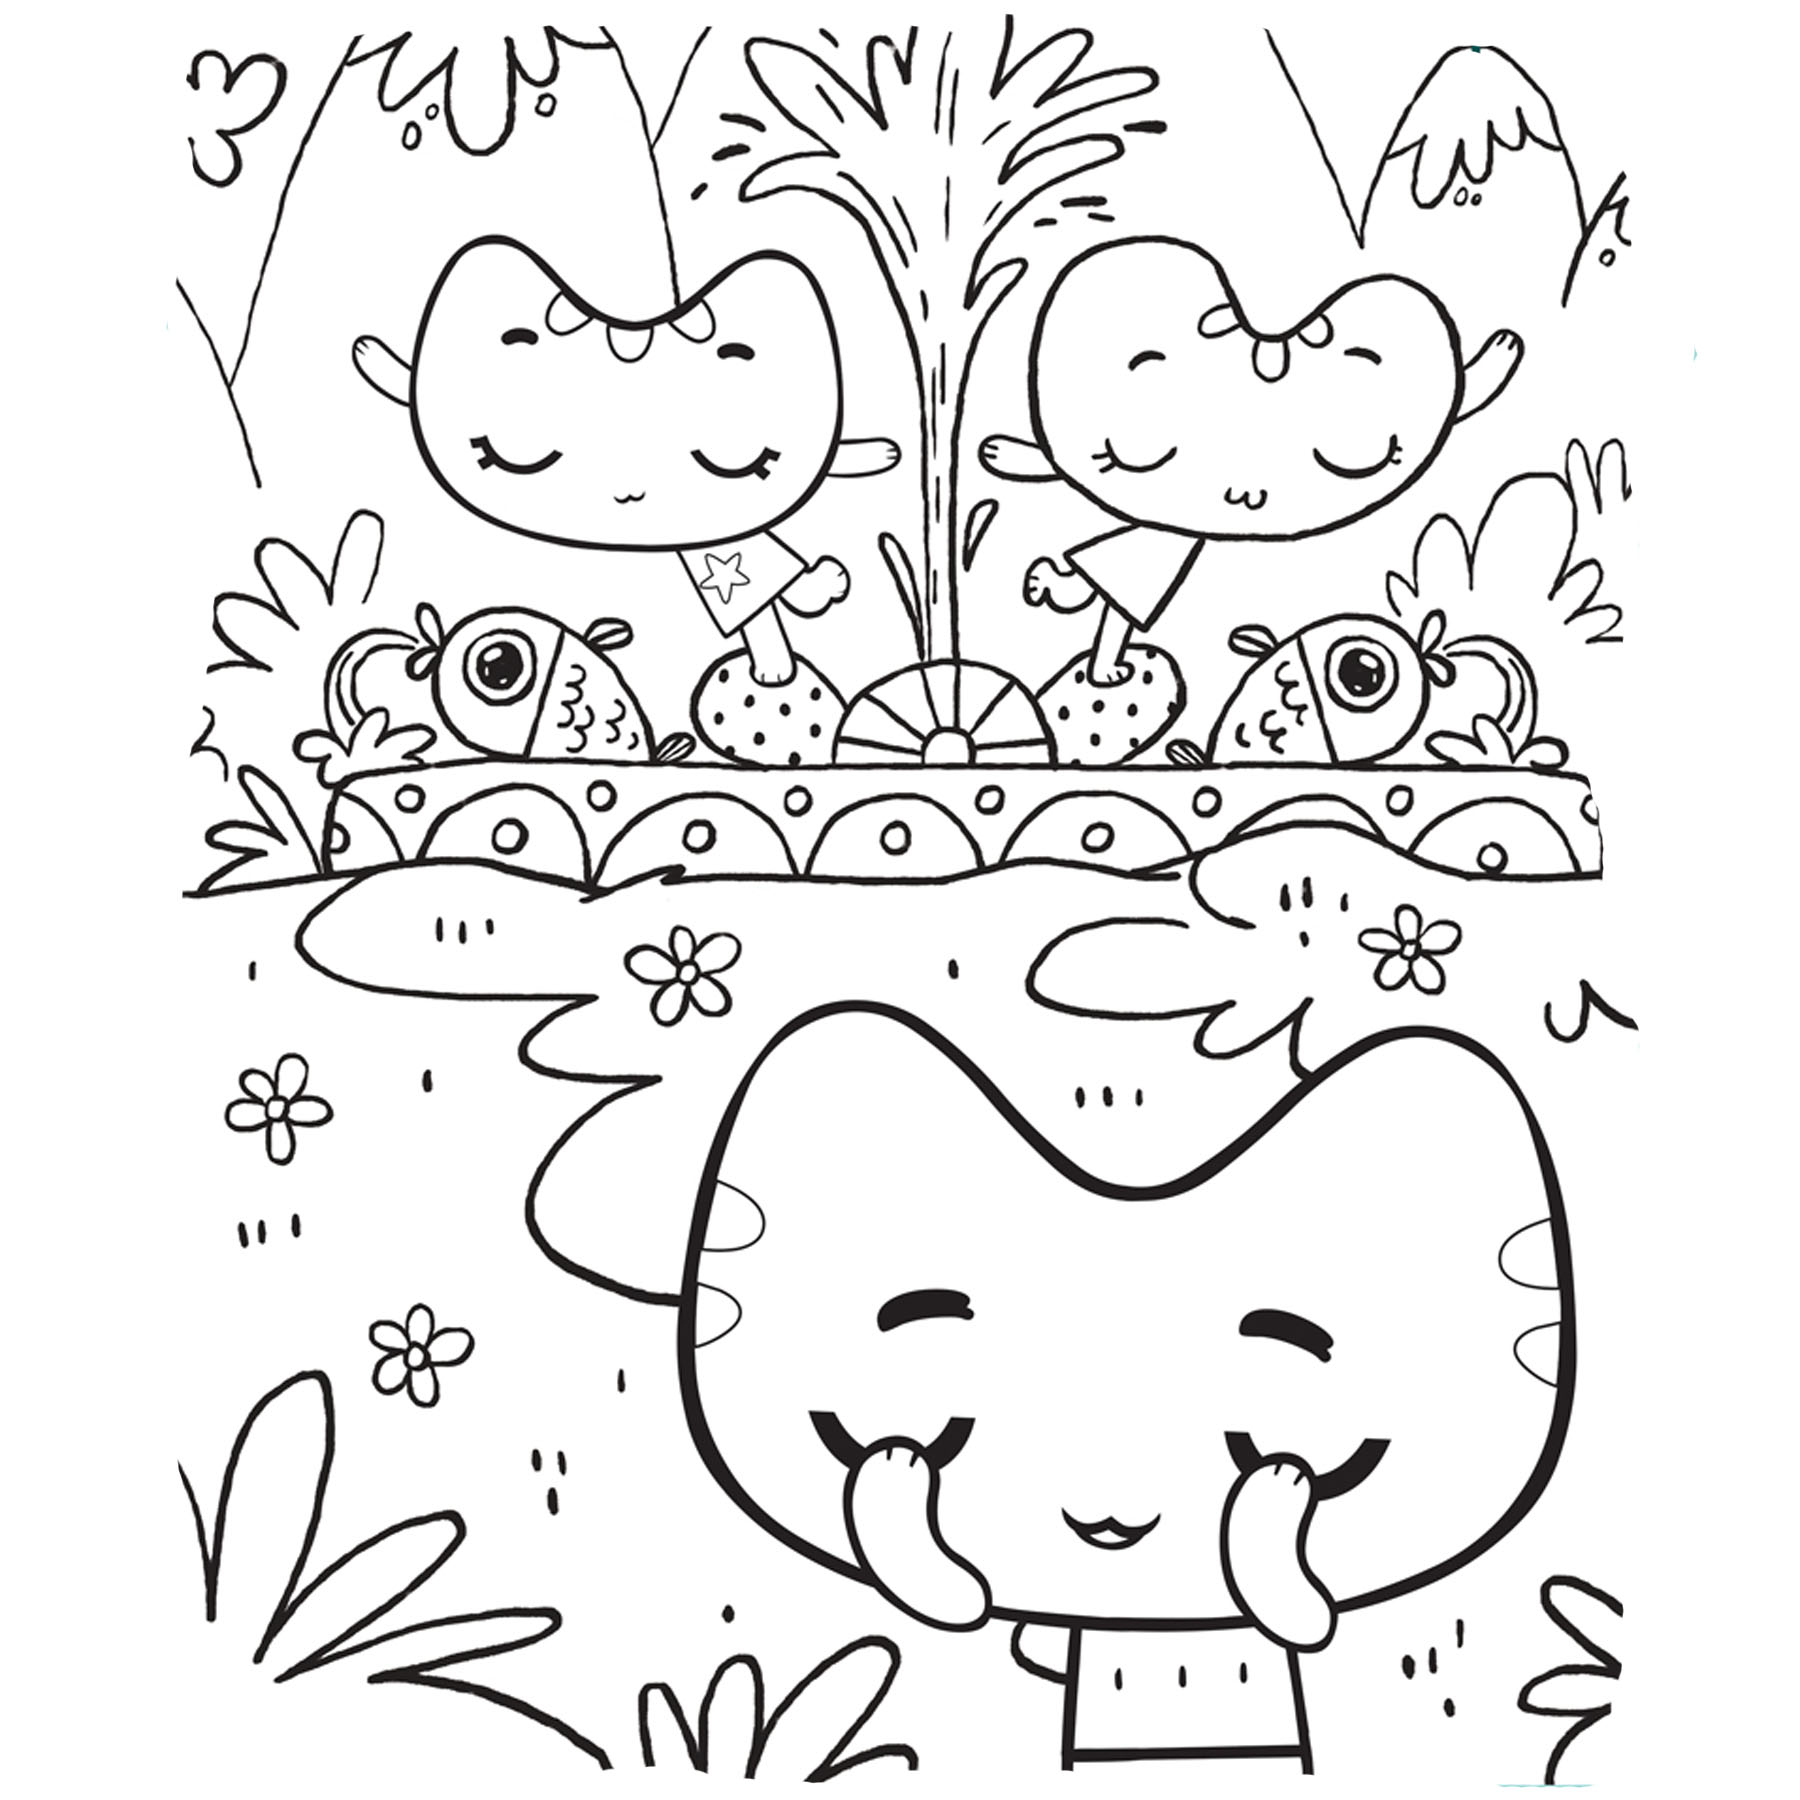 Котики вперед раскраска - детские раскраски распечатать ...